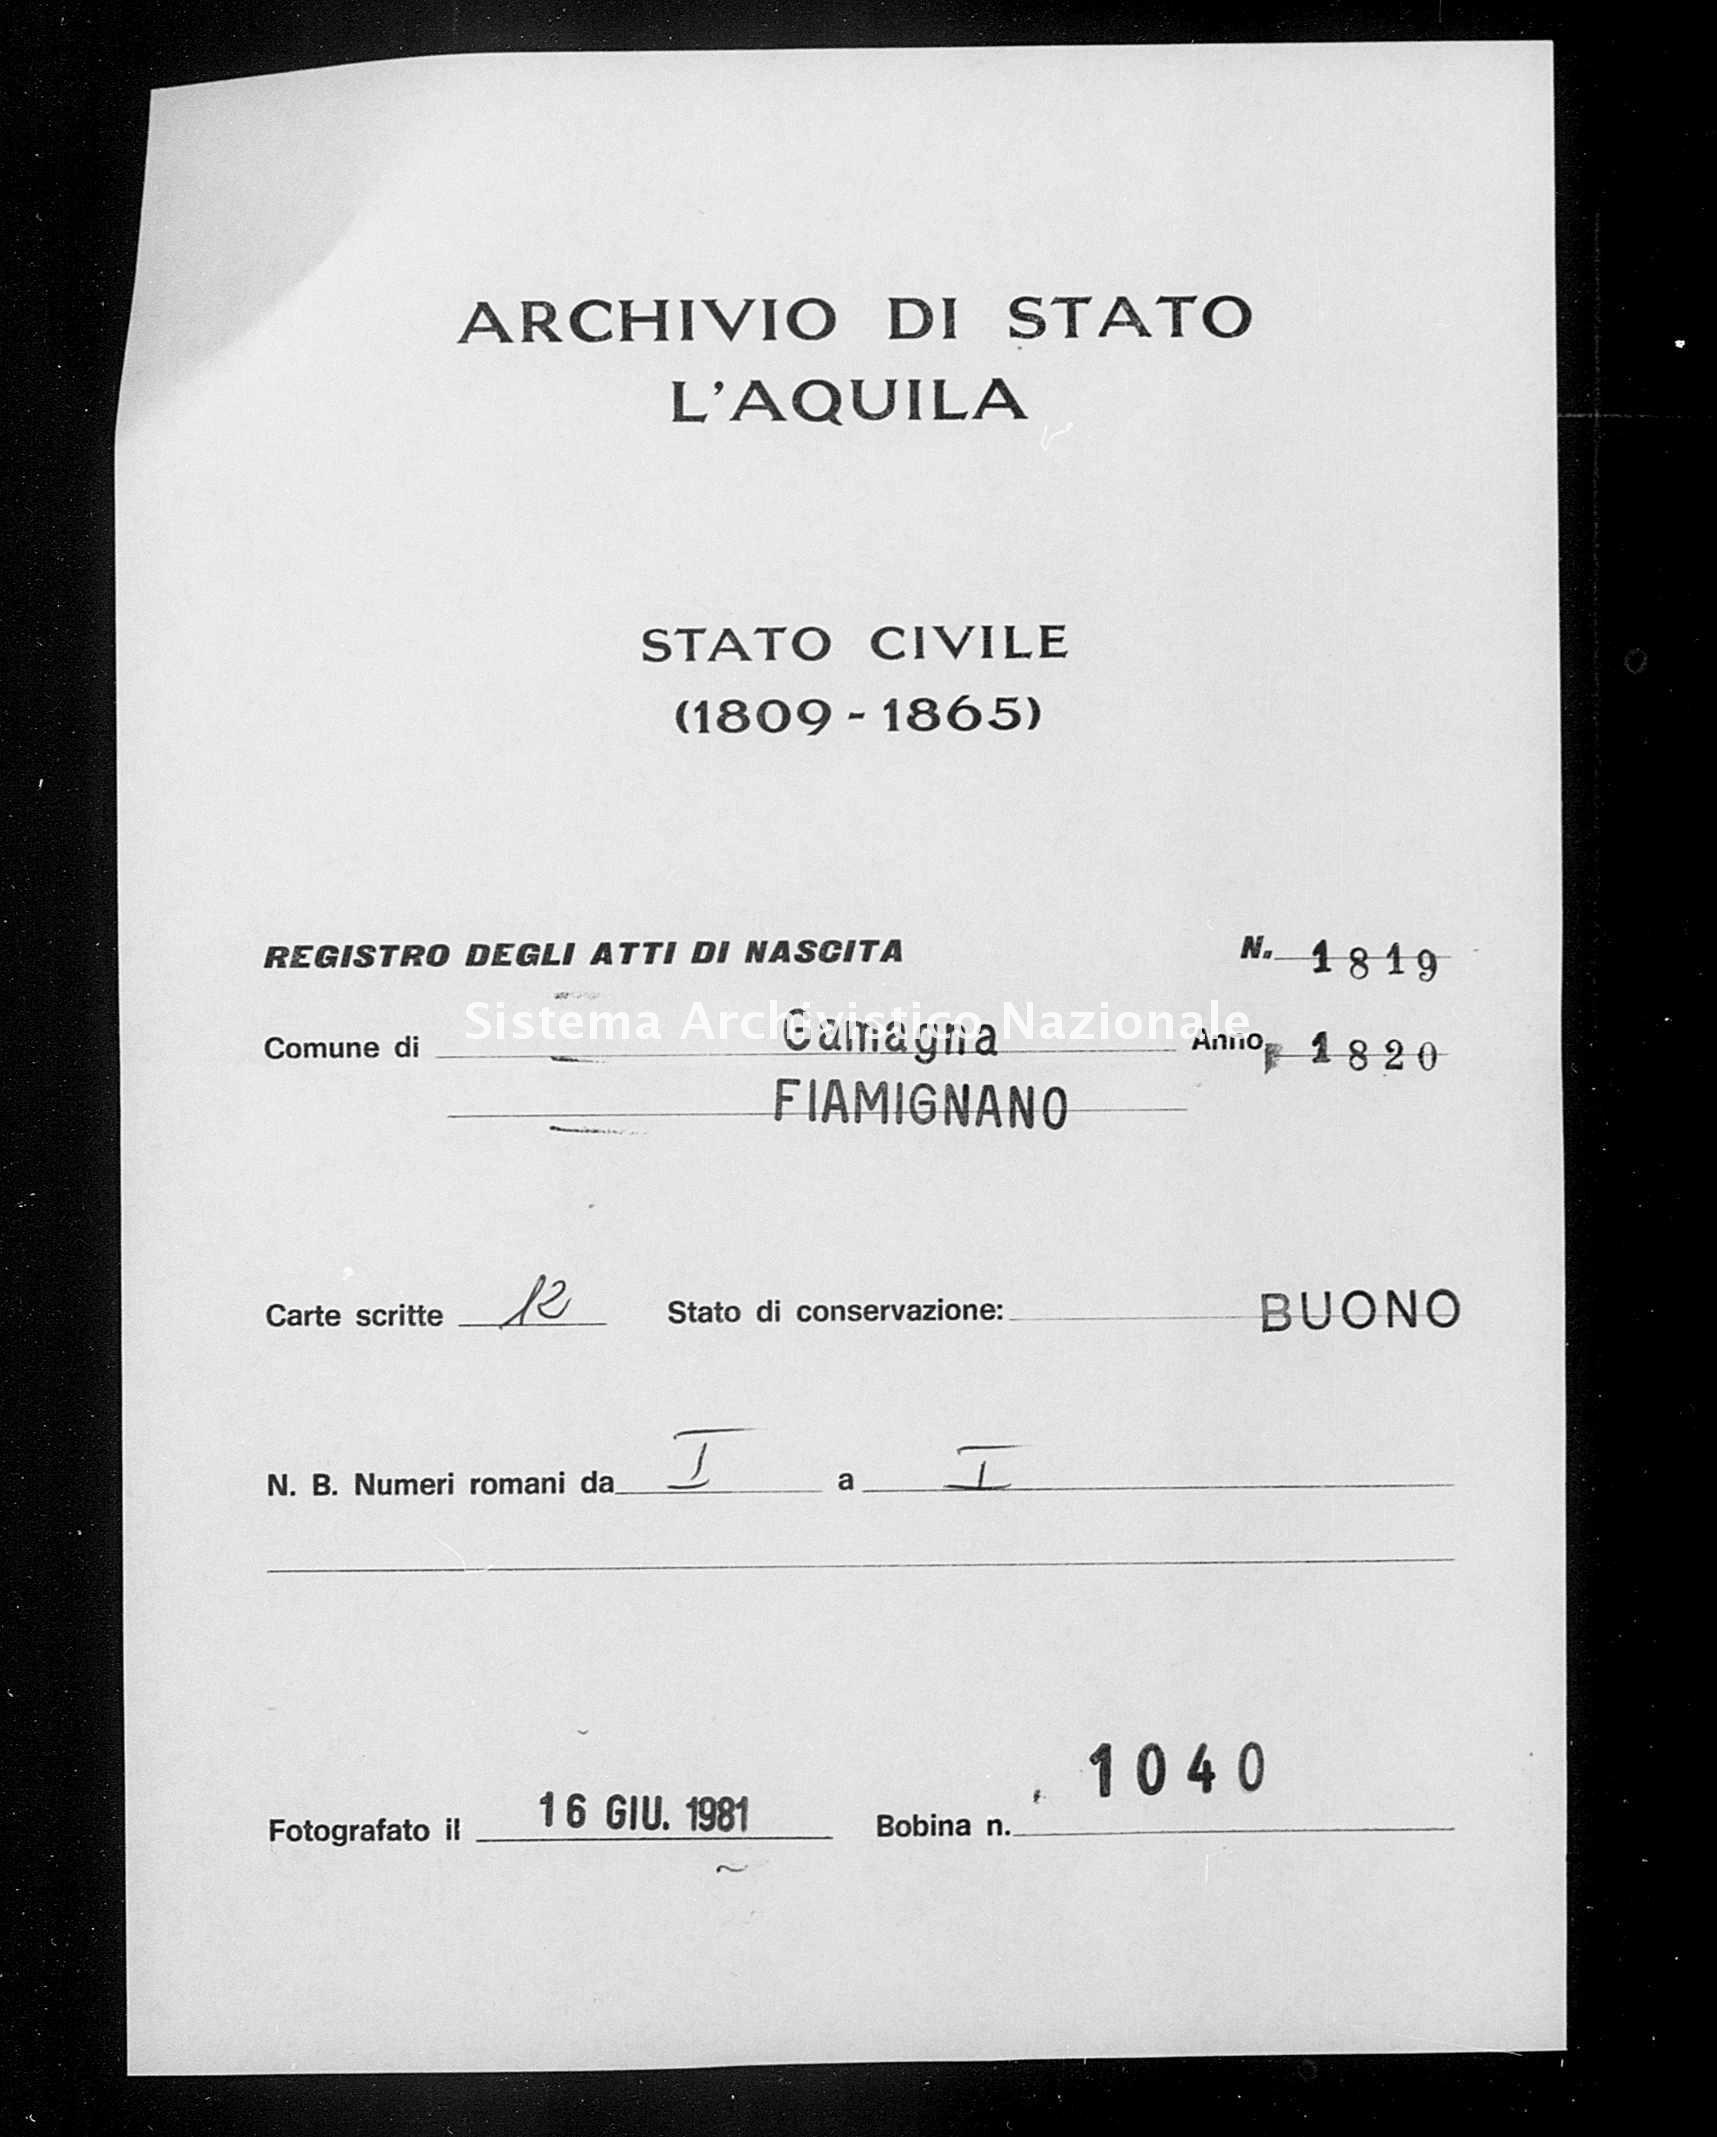 Archivio di stato di L'aquila - Stato civile della restaurazione - Gamagna - Nati - 1820 - 1819 -